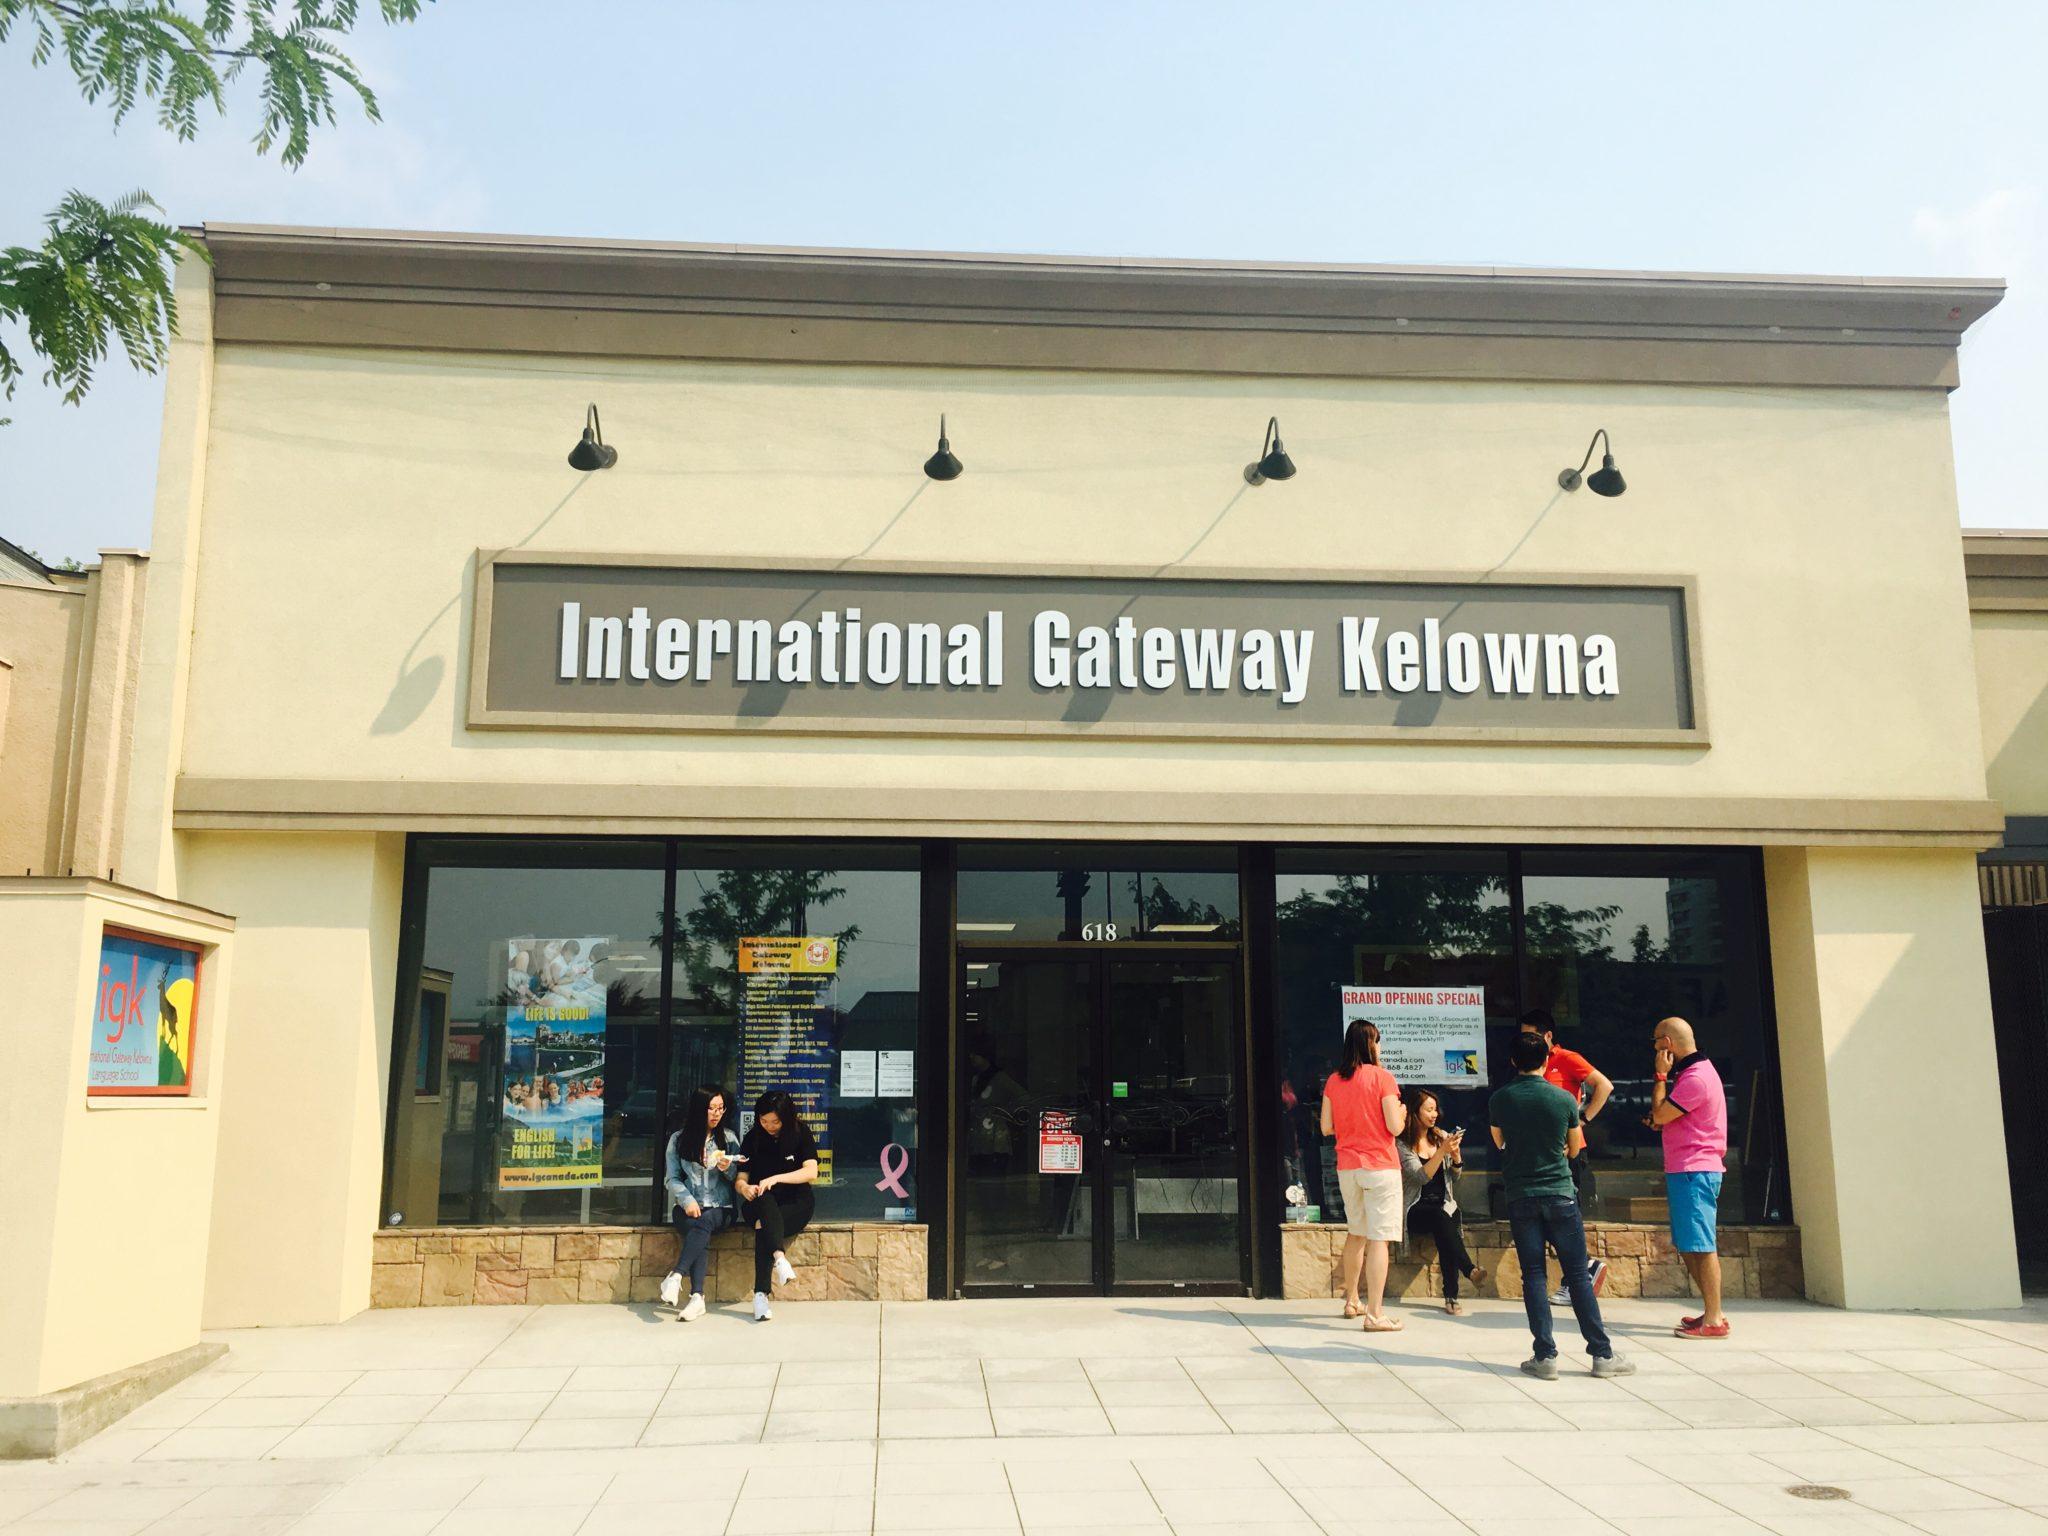 インターナショナル・ゲートウェイ・ケローナ(IGK):イメージ